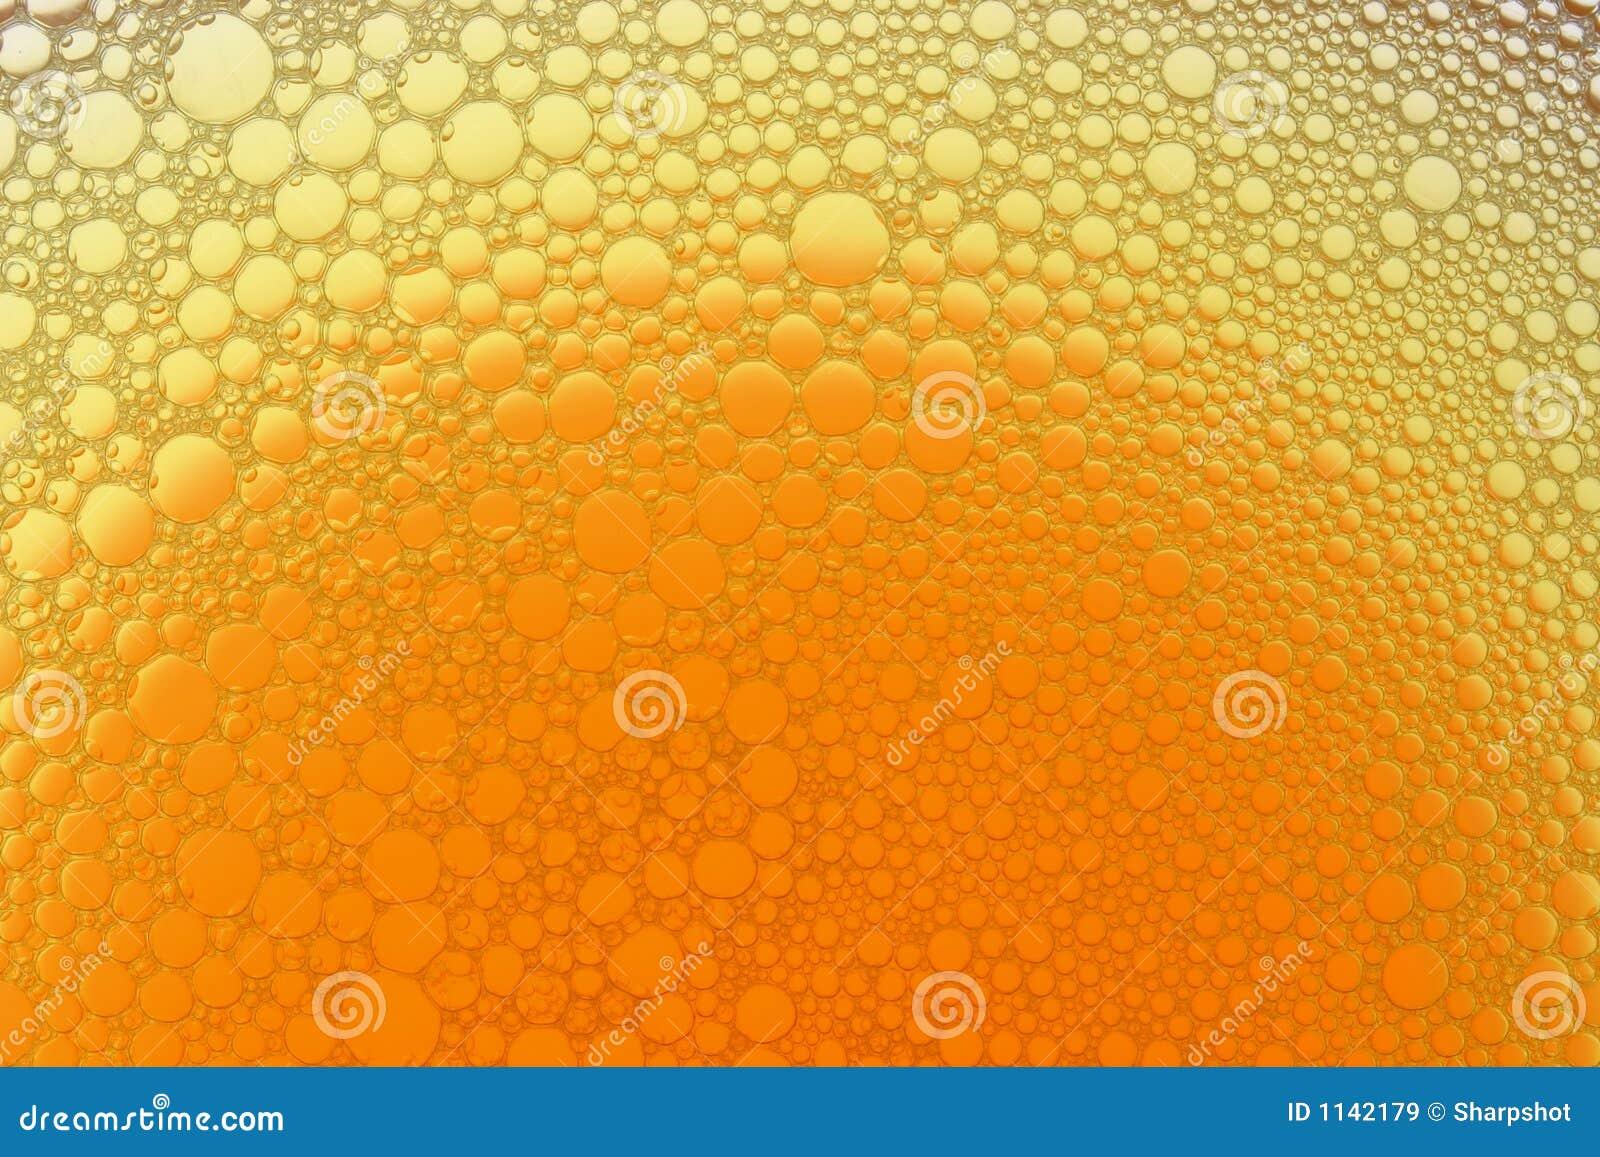 Bolle di colore giallo arancione immagini stock libere da for Oggetti di colore giallo